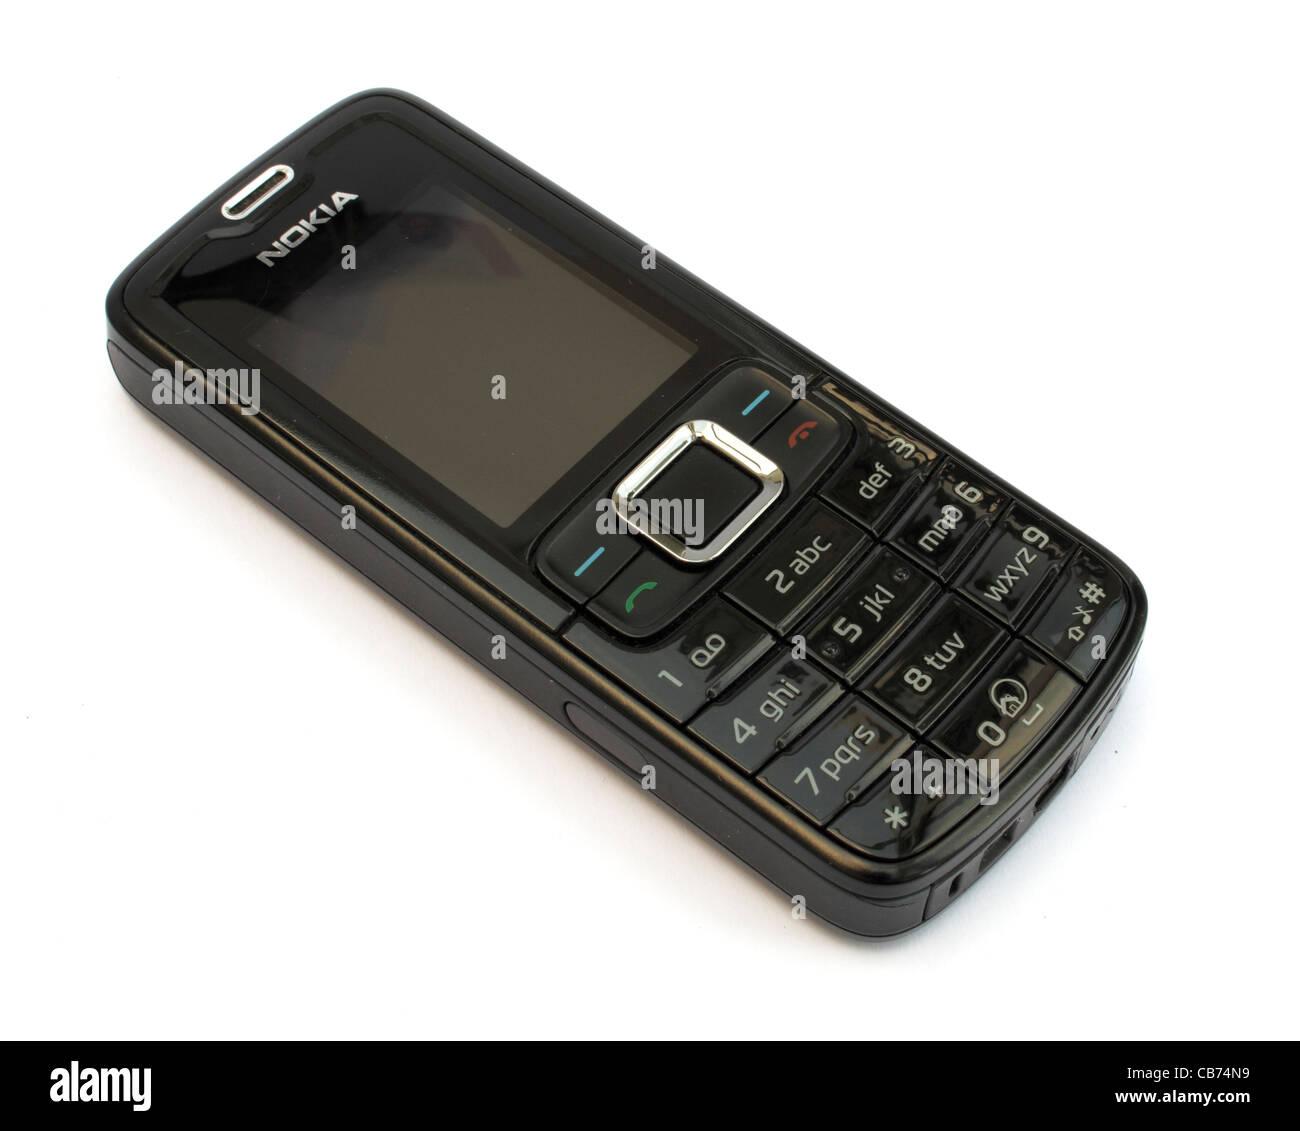 Un Semplice Telefono Cellulare Nokia Su Sfondo Bianco Foto